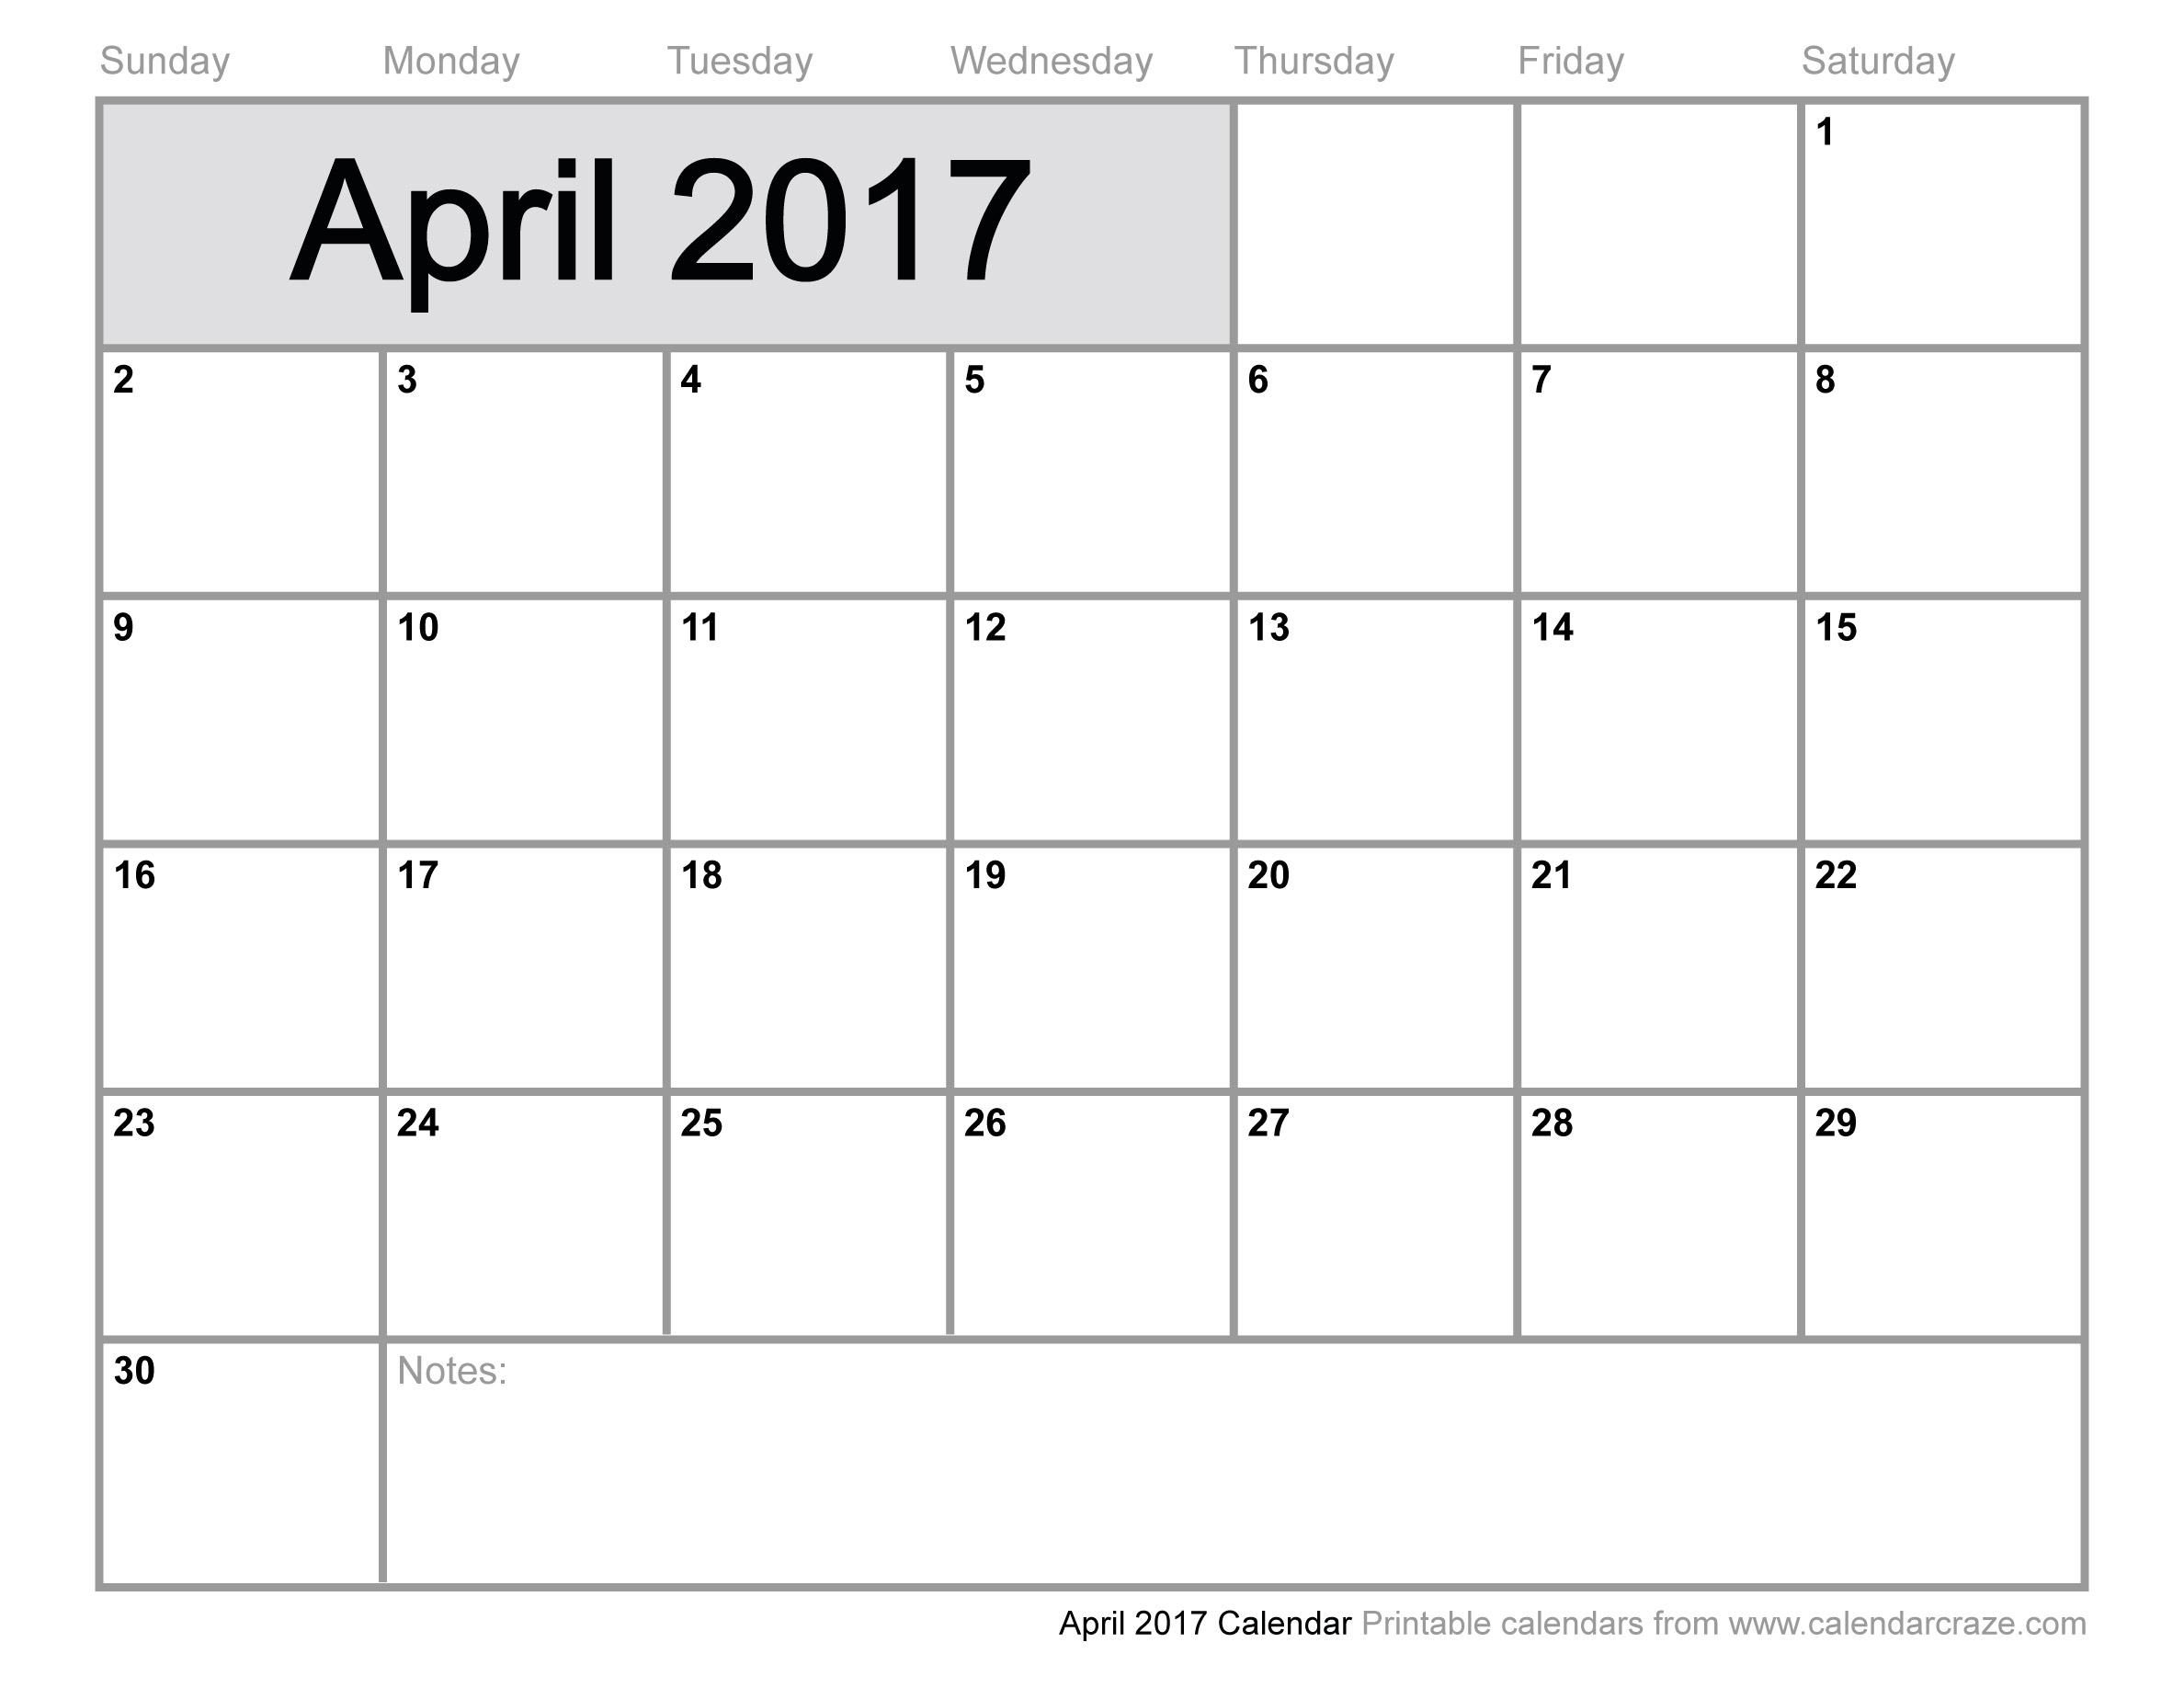 April 2017 Calendar With US Holidays – IsuCheer.com